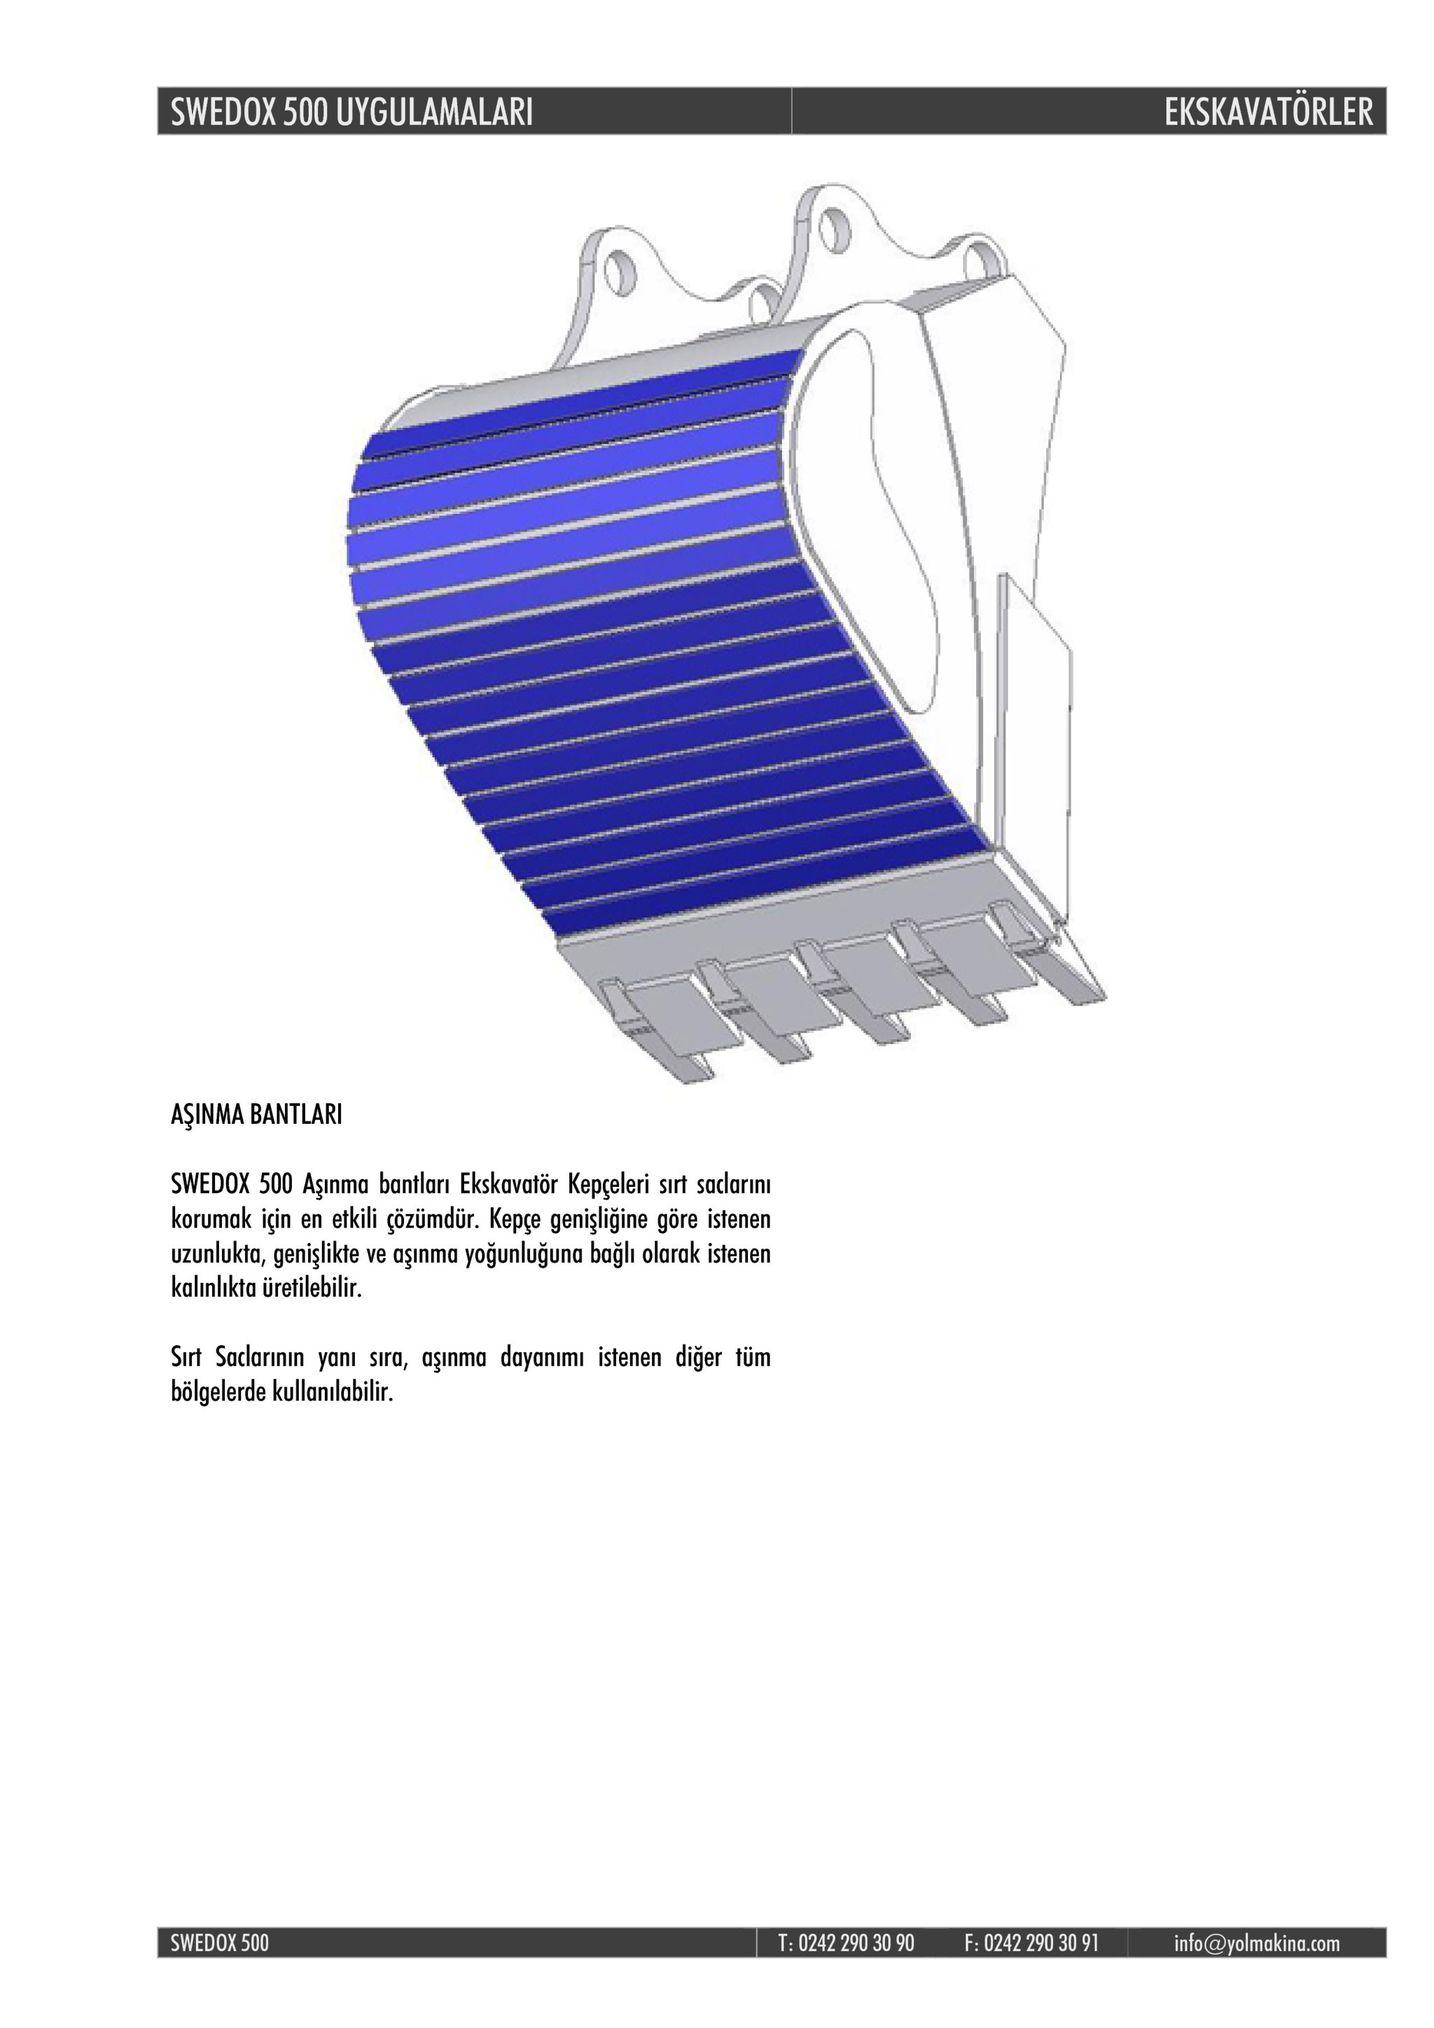 swedox 500 uygulamalar ekskavatorler aşinma bantlari swedox 500 aşinma bantları ekskavatör kepçeleri sirt saclarinı korumak için en etkili çözümdür. kepge genişligine göre istenen uzunlukta, genişlikte ve aşinma yoğunluğuna bağli olarak istenen kalınlıkta üretilebilir sirt saclarinın yanı sıra, aşınma dayanimı istenen diğer tüm bölgelerde kullanilabilir swedox 500 t: 0242 290 30 90 f: 0242 290 30 91 info@yolmakina.com